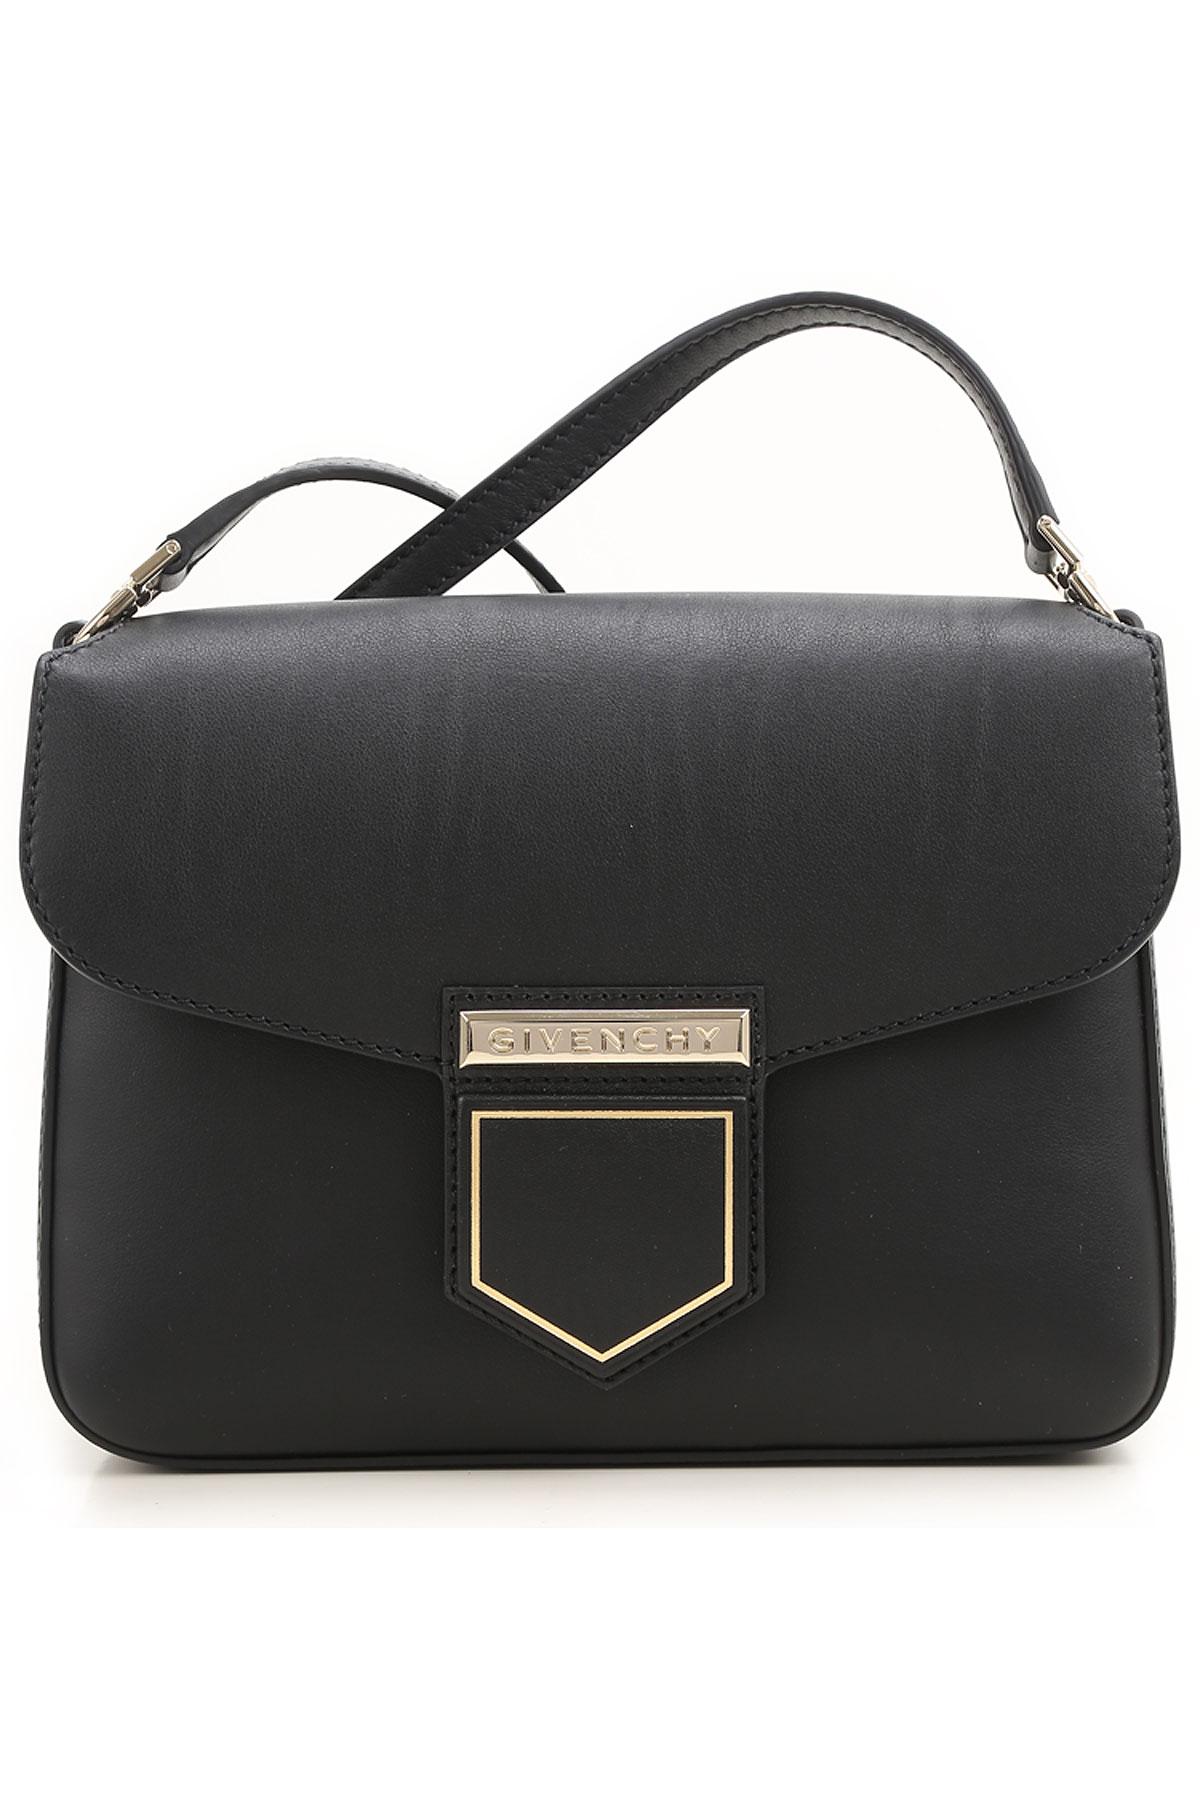 Givenchy Shoulder Bag for Women, Nobile  Small Bag, Black, Leather, 2017